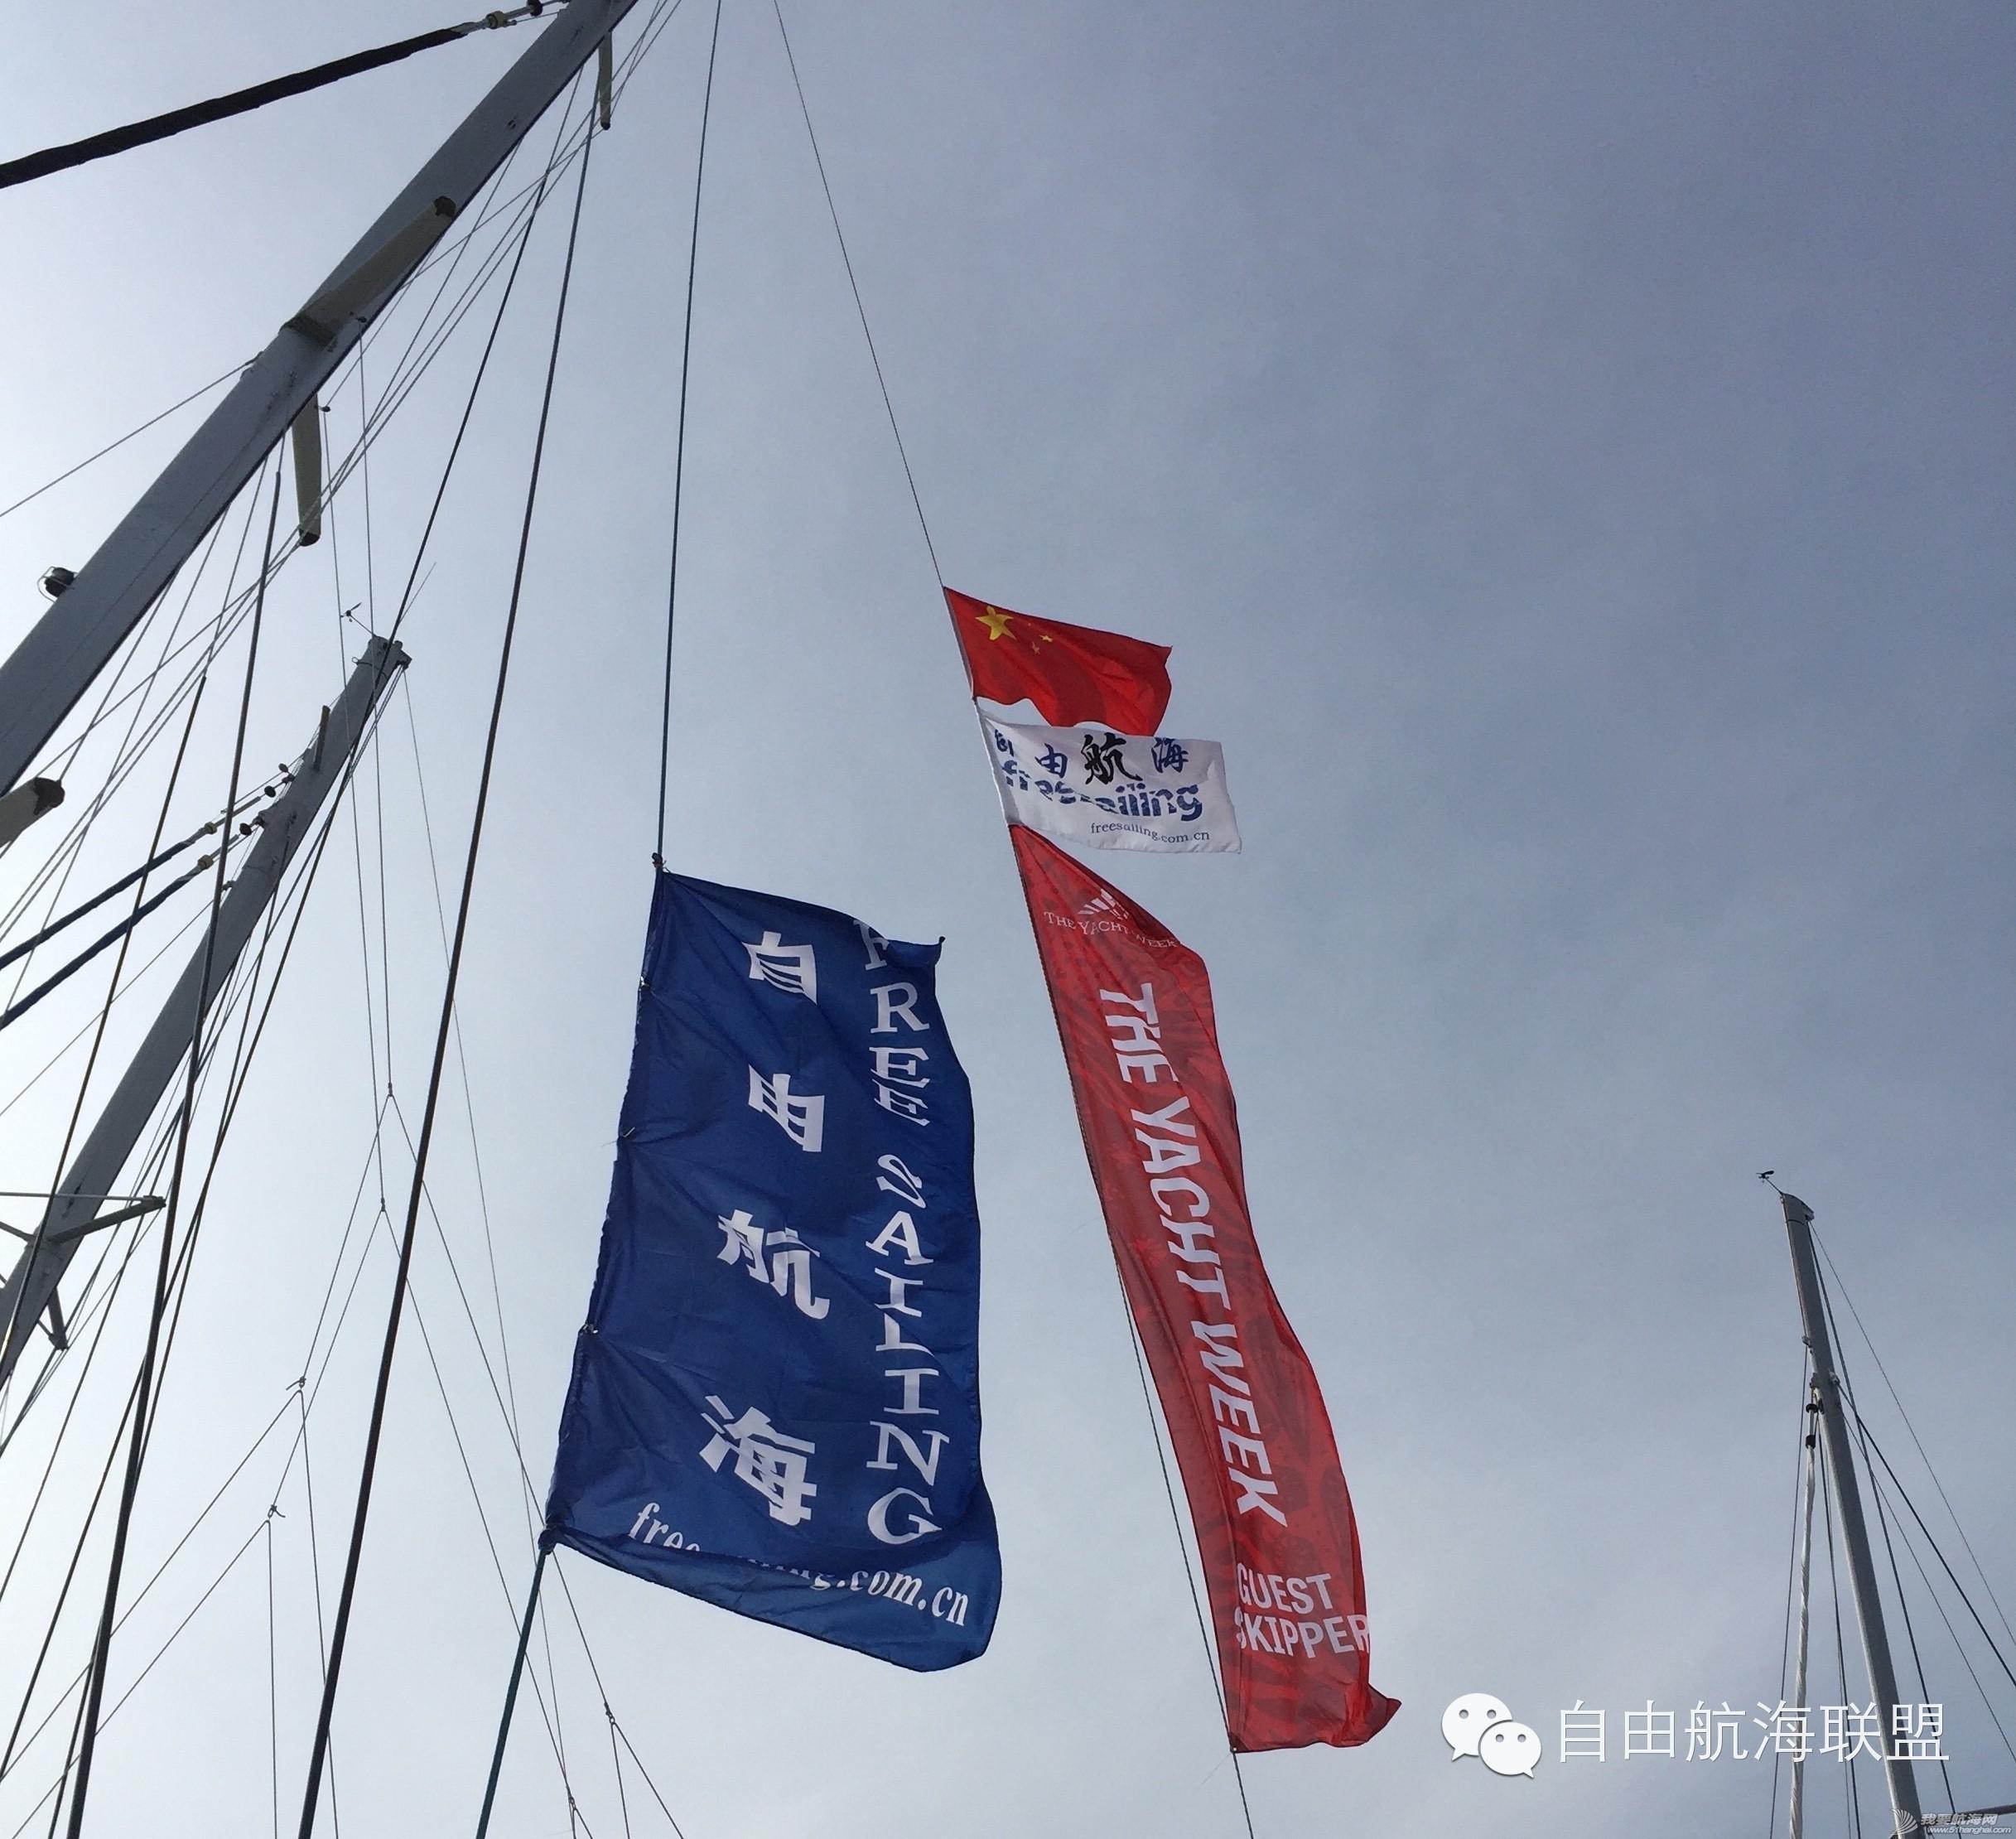 加勒比海,巴哈马,帆船 寻找黑珍珠号——加勒比海巴哈马帆船旅行(FreeSailing 4月开拓团)[巴哈马] 58ae29127e7cf2721ae84d88cc513d3b.jpg